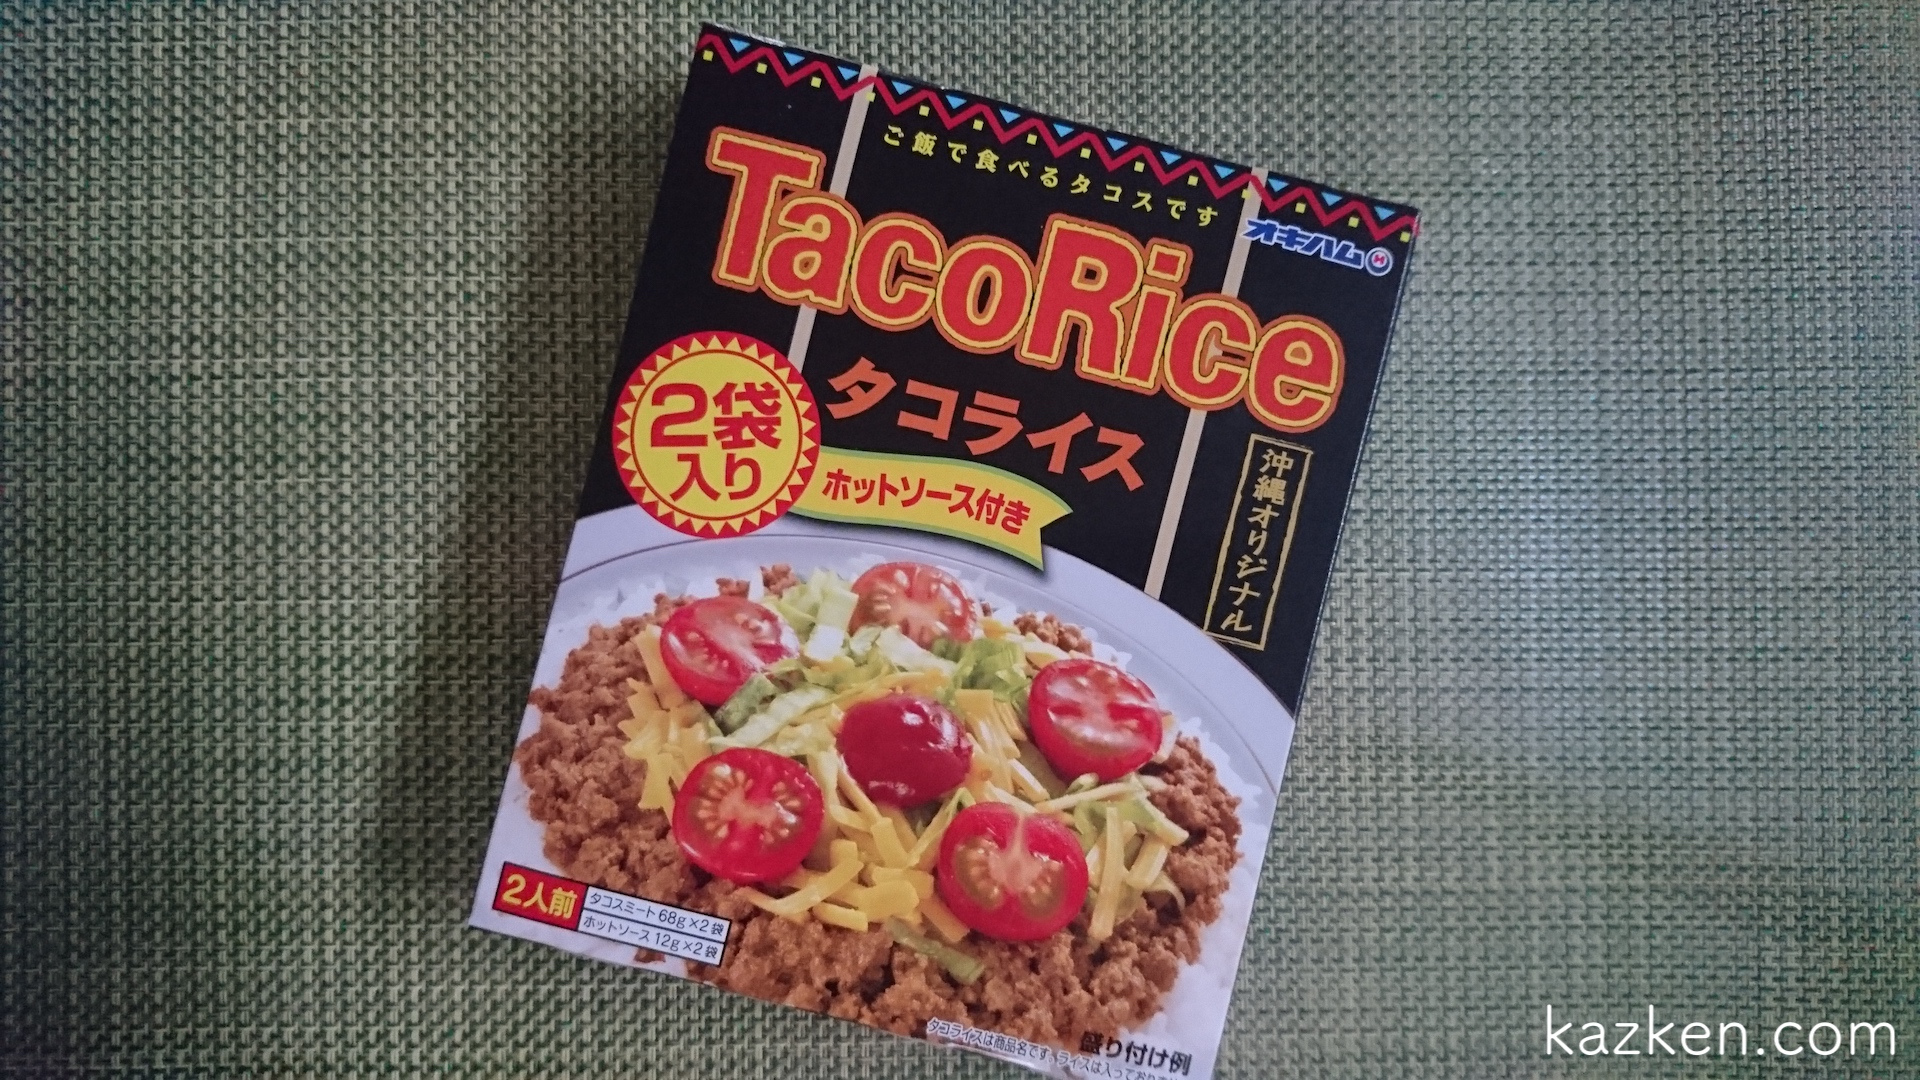 オキハムの「TacoRice(タコライス)」でタコライスを作って食べてみた